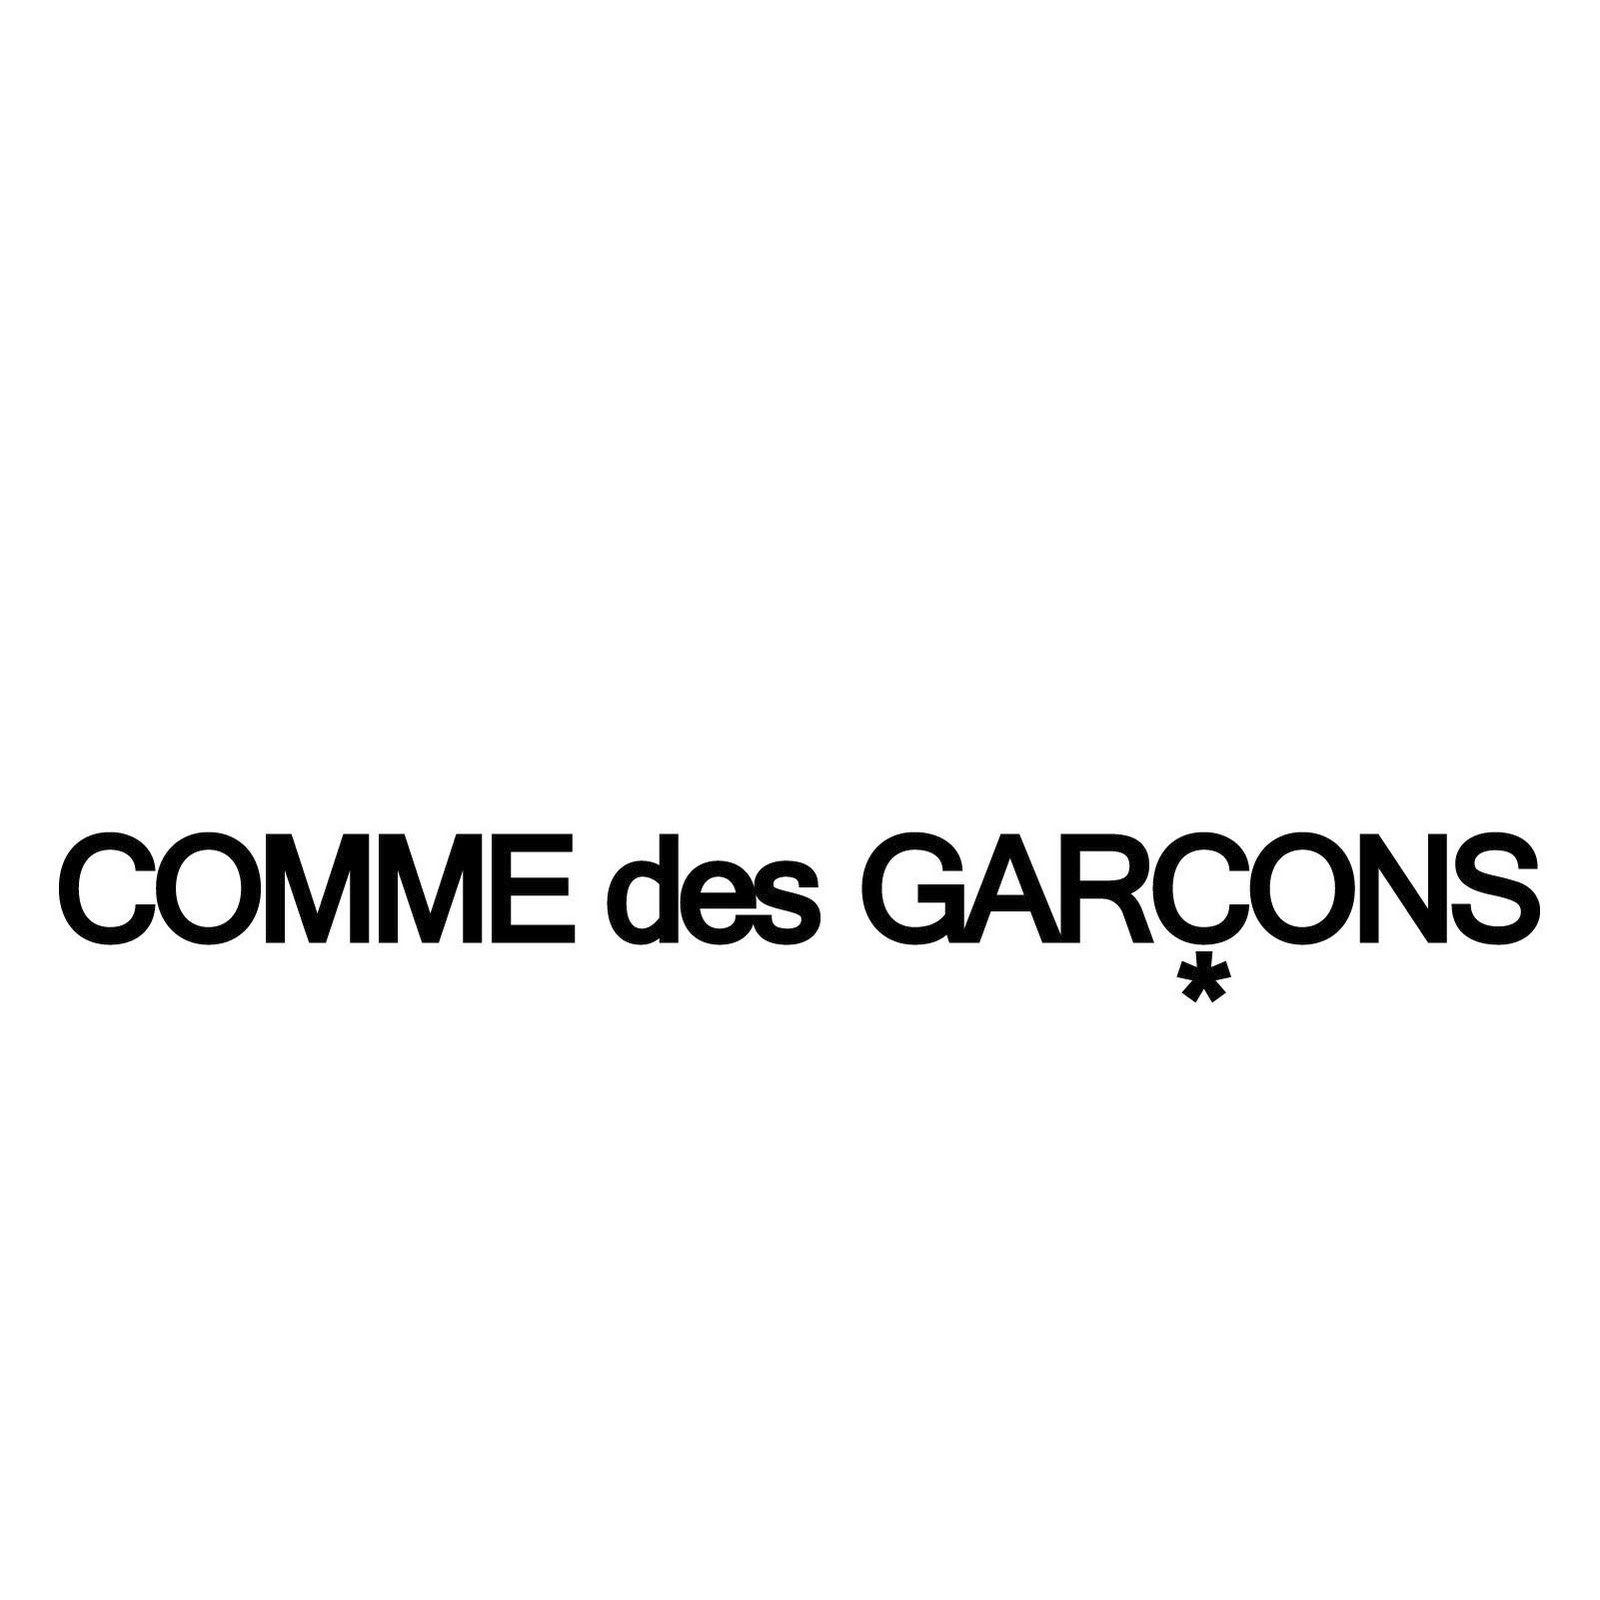 COMME DES GARÇONS (Bild 1)